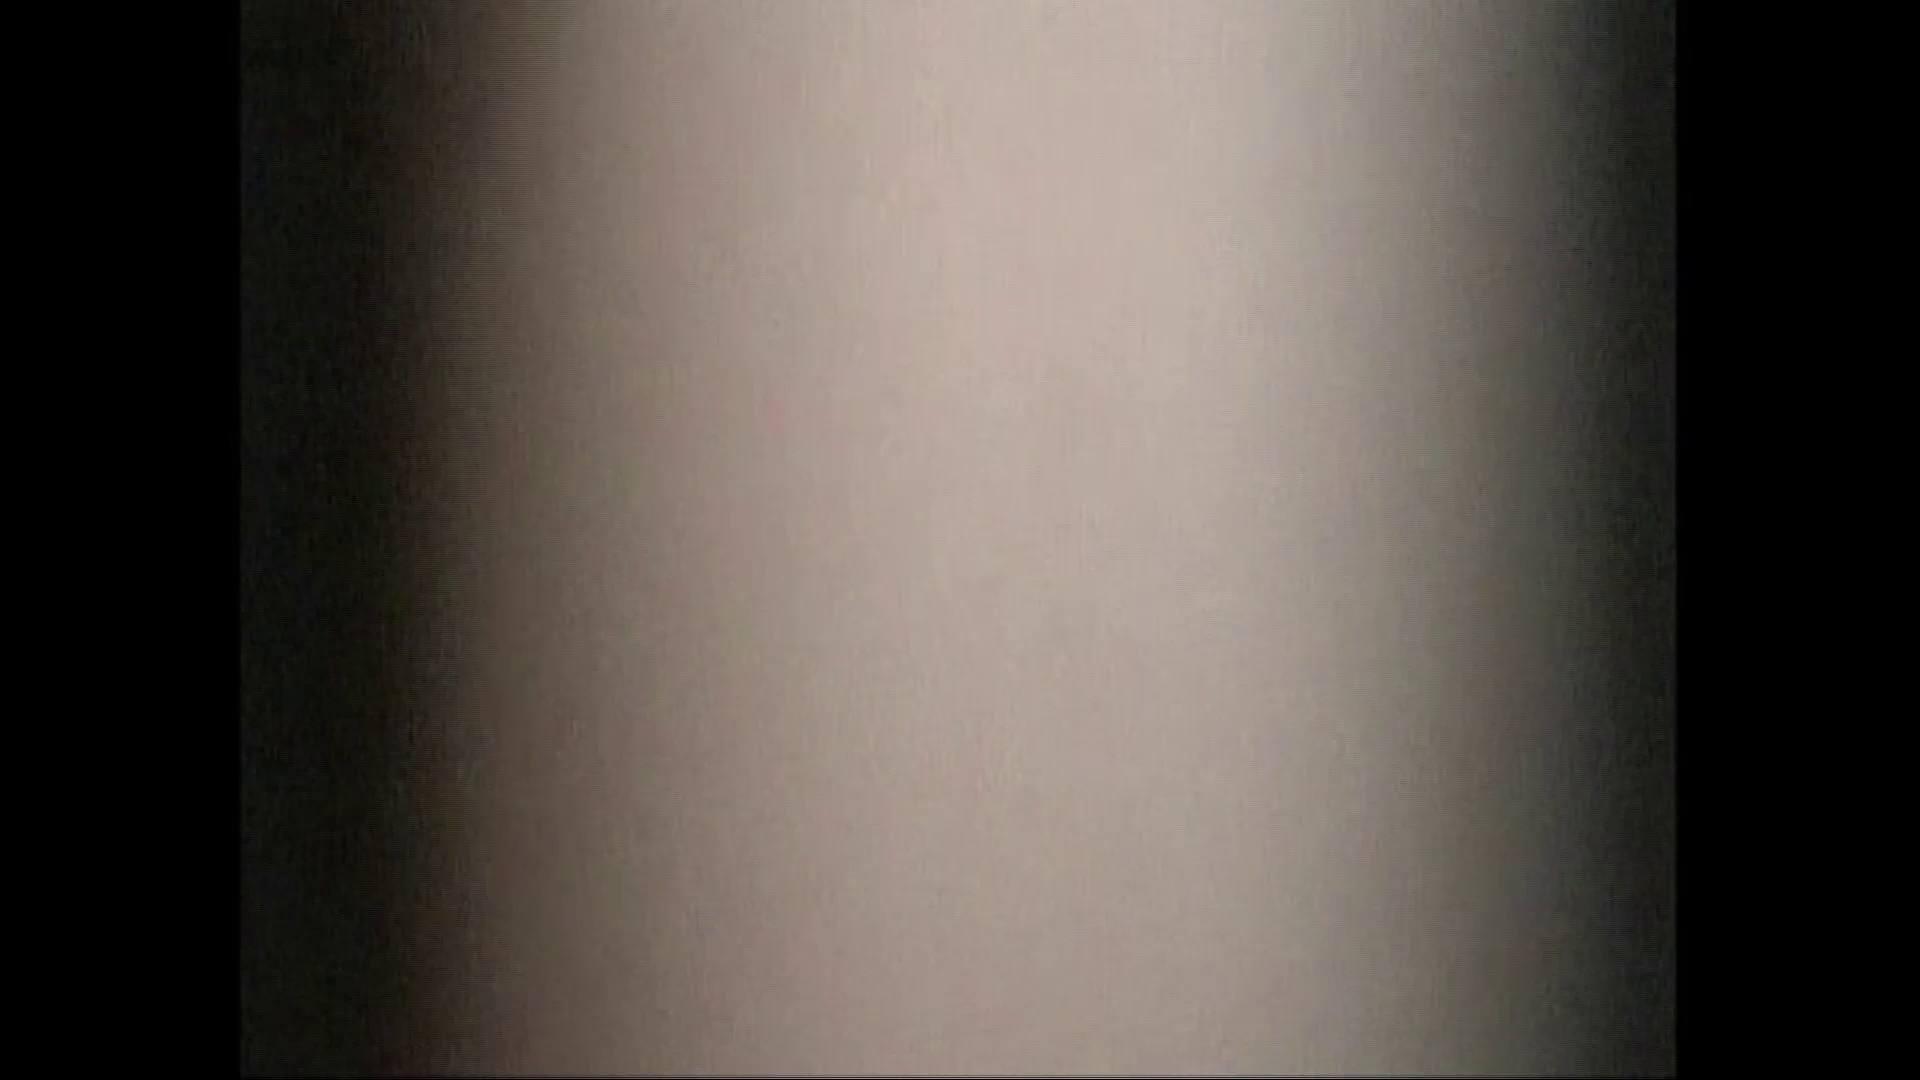 隙間からノゾク風呂 Vol.29 股をグイッとひらいて・・・。 入浴中の女性  69PIX 56